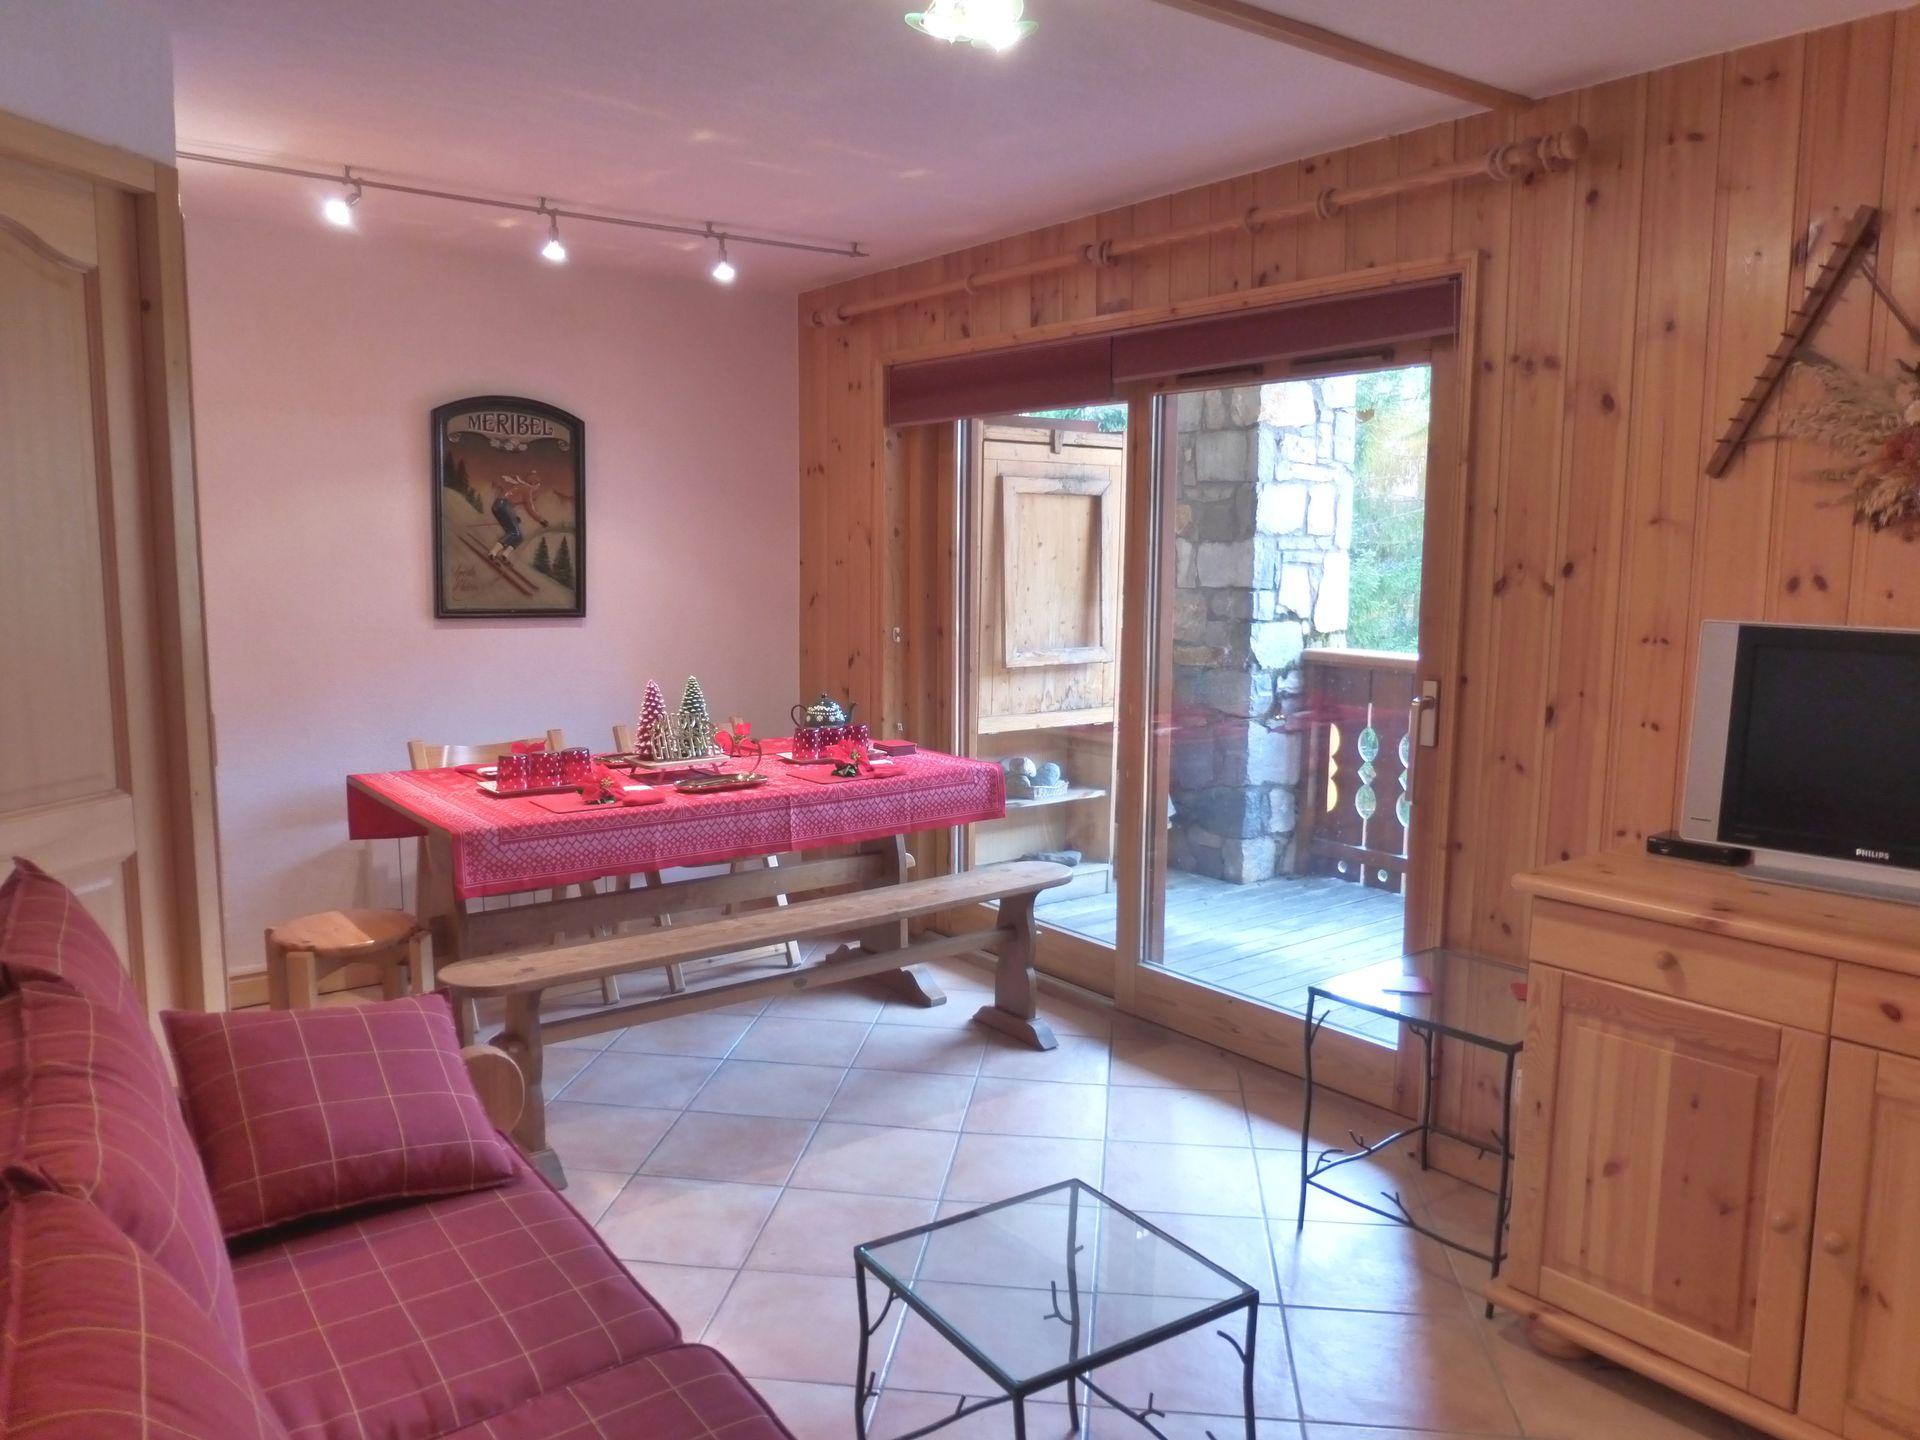 appartement 2 pièces cabine fonctionnel  pour 4...